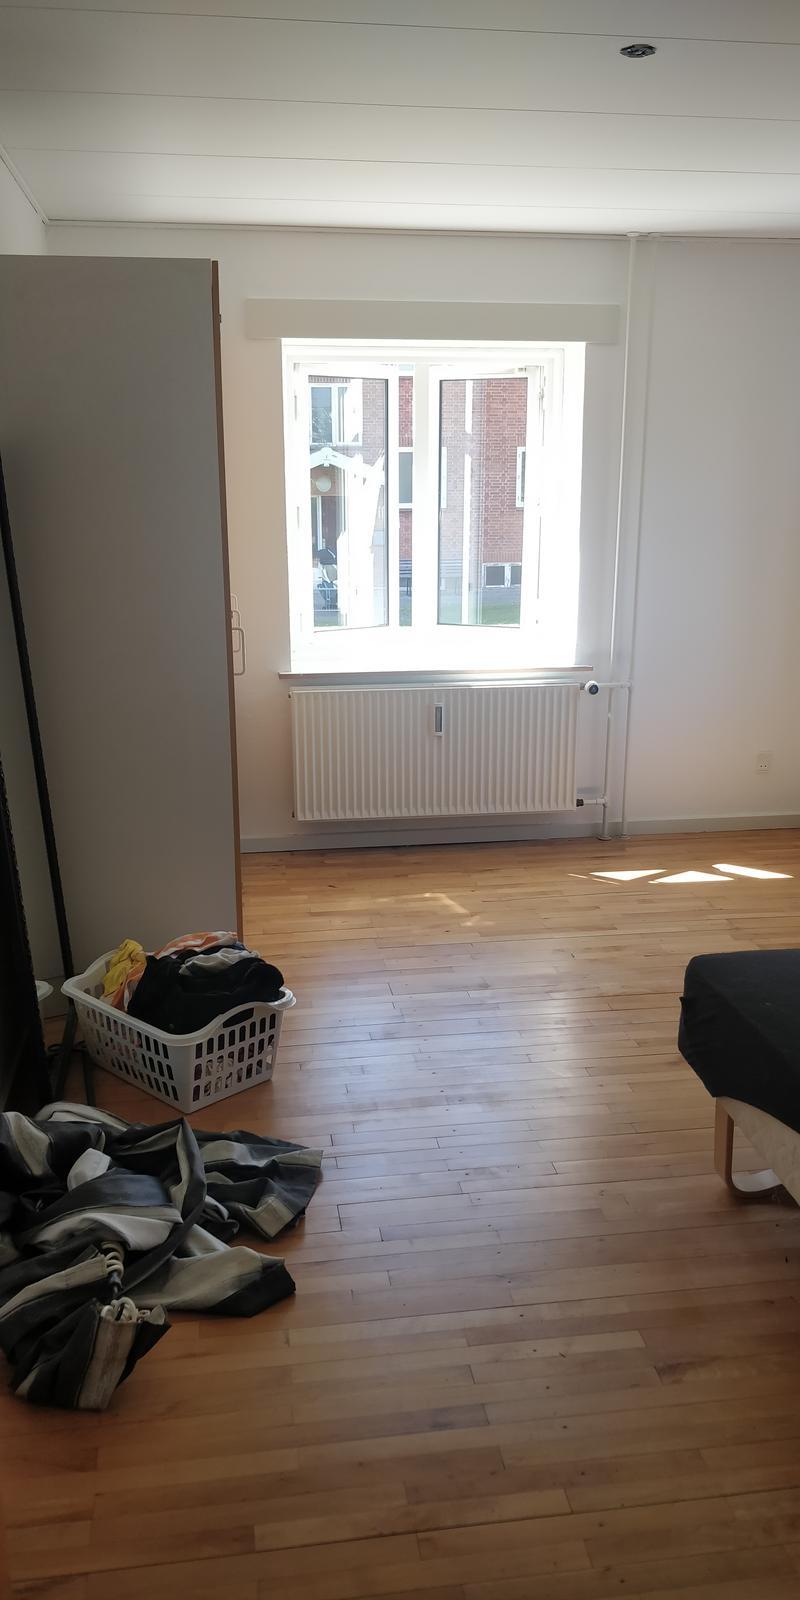 Lejlighed 2 billede 7